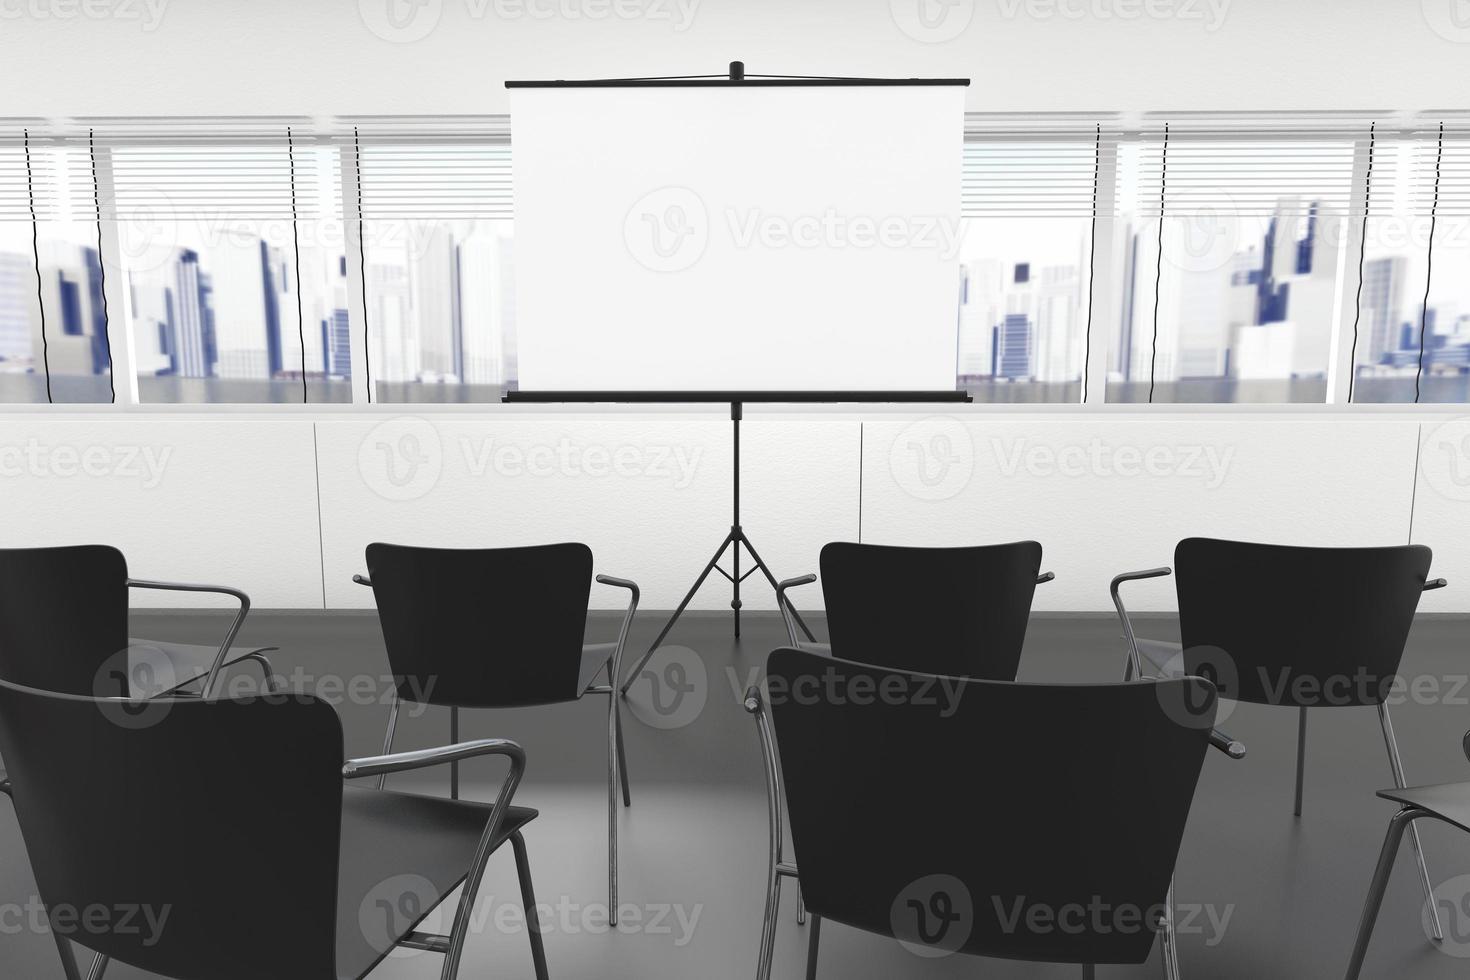 pantalla de proyección y sillas foto